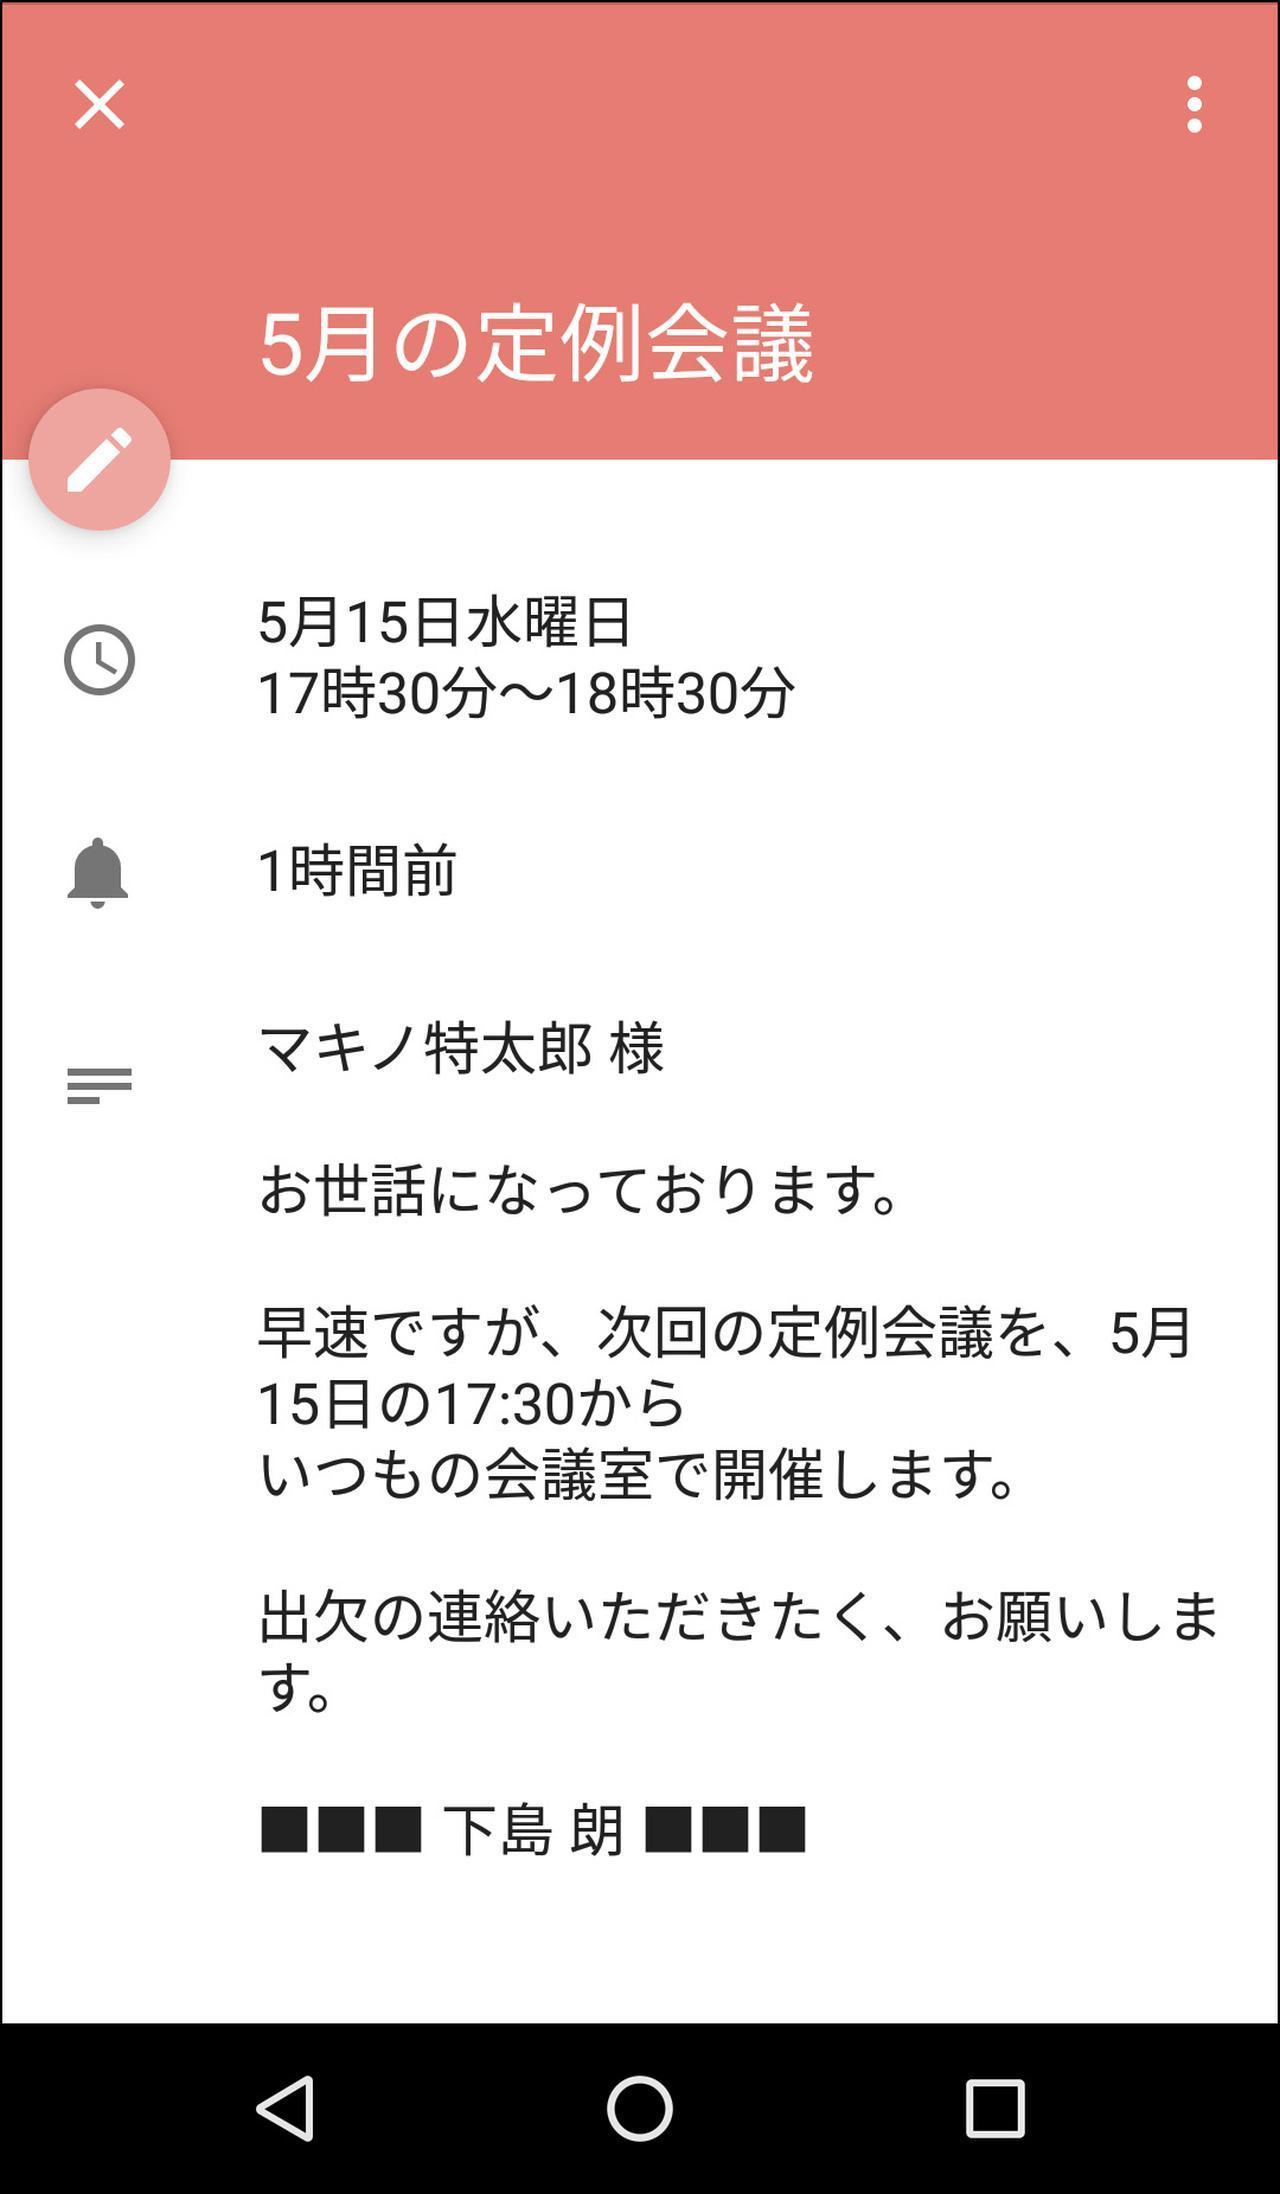 画像: 予定をタップすると、詳細を確認できる。Gmailの本文も読むことができる。